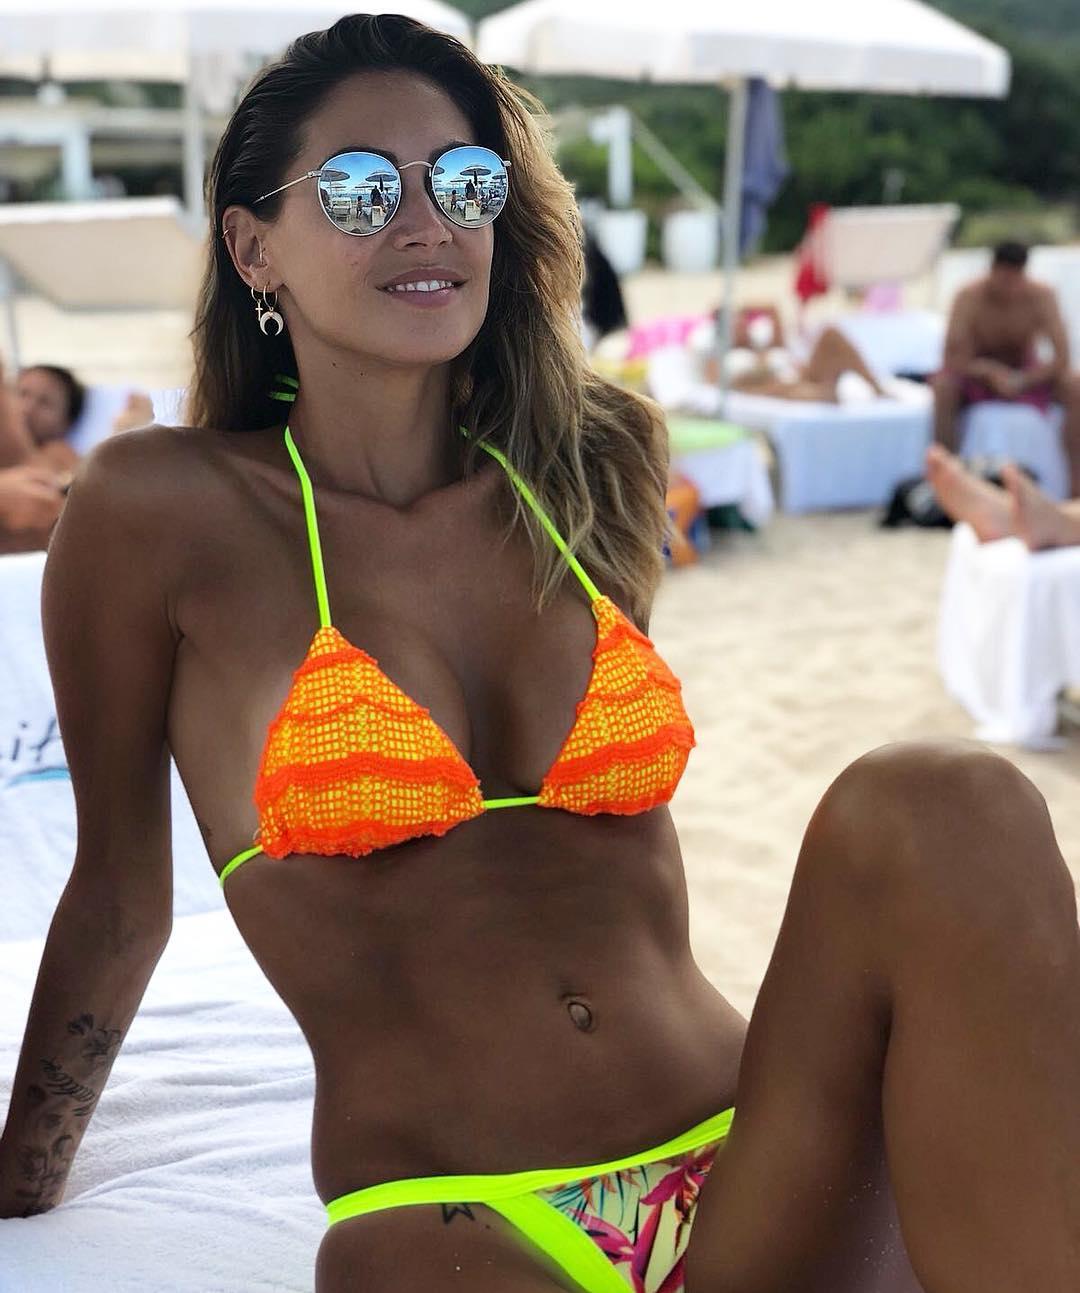 Calendario Melissa Satta.Boateng Suda Per Il Sassuolo Melissa Satta Fa Impazzire I